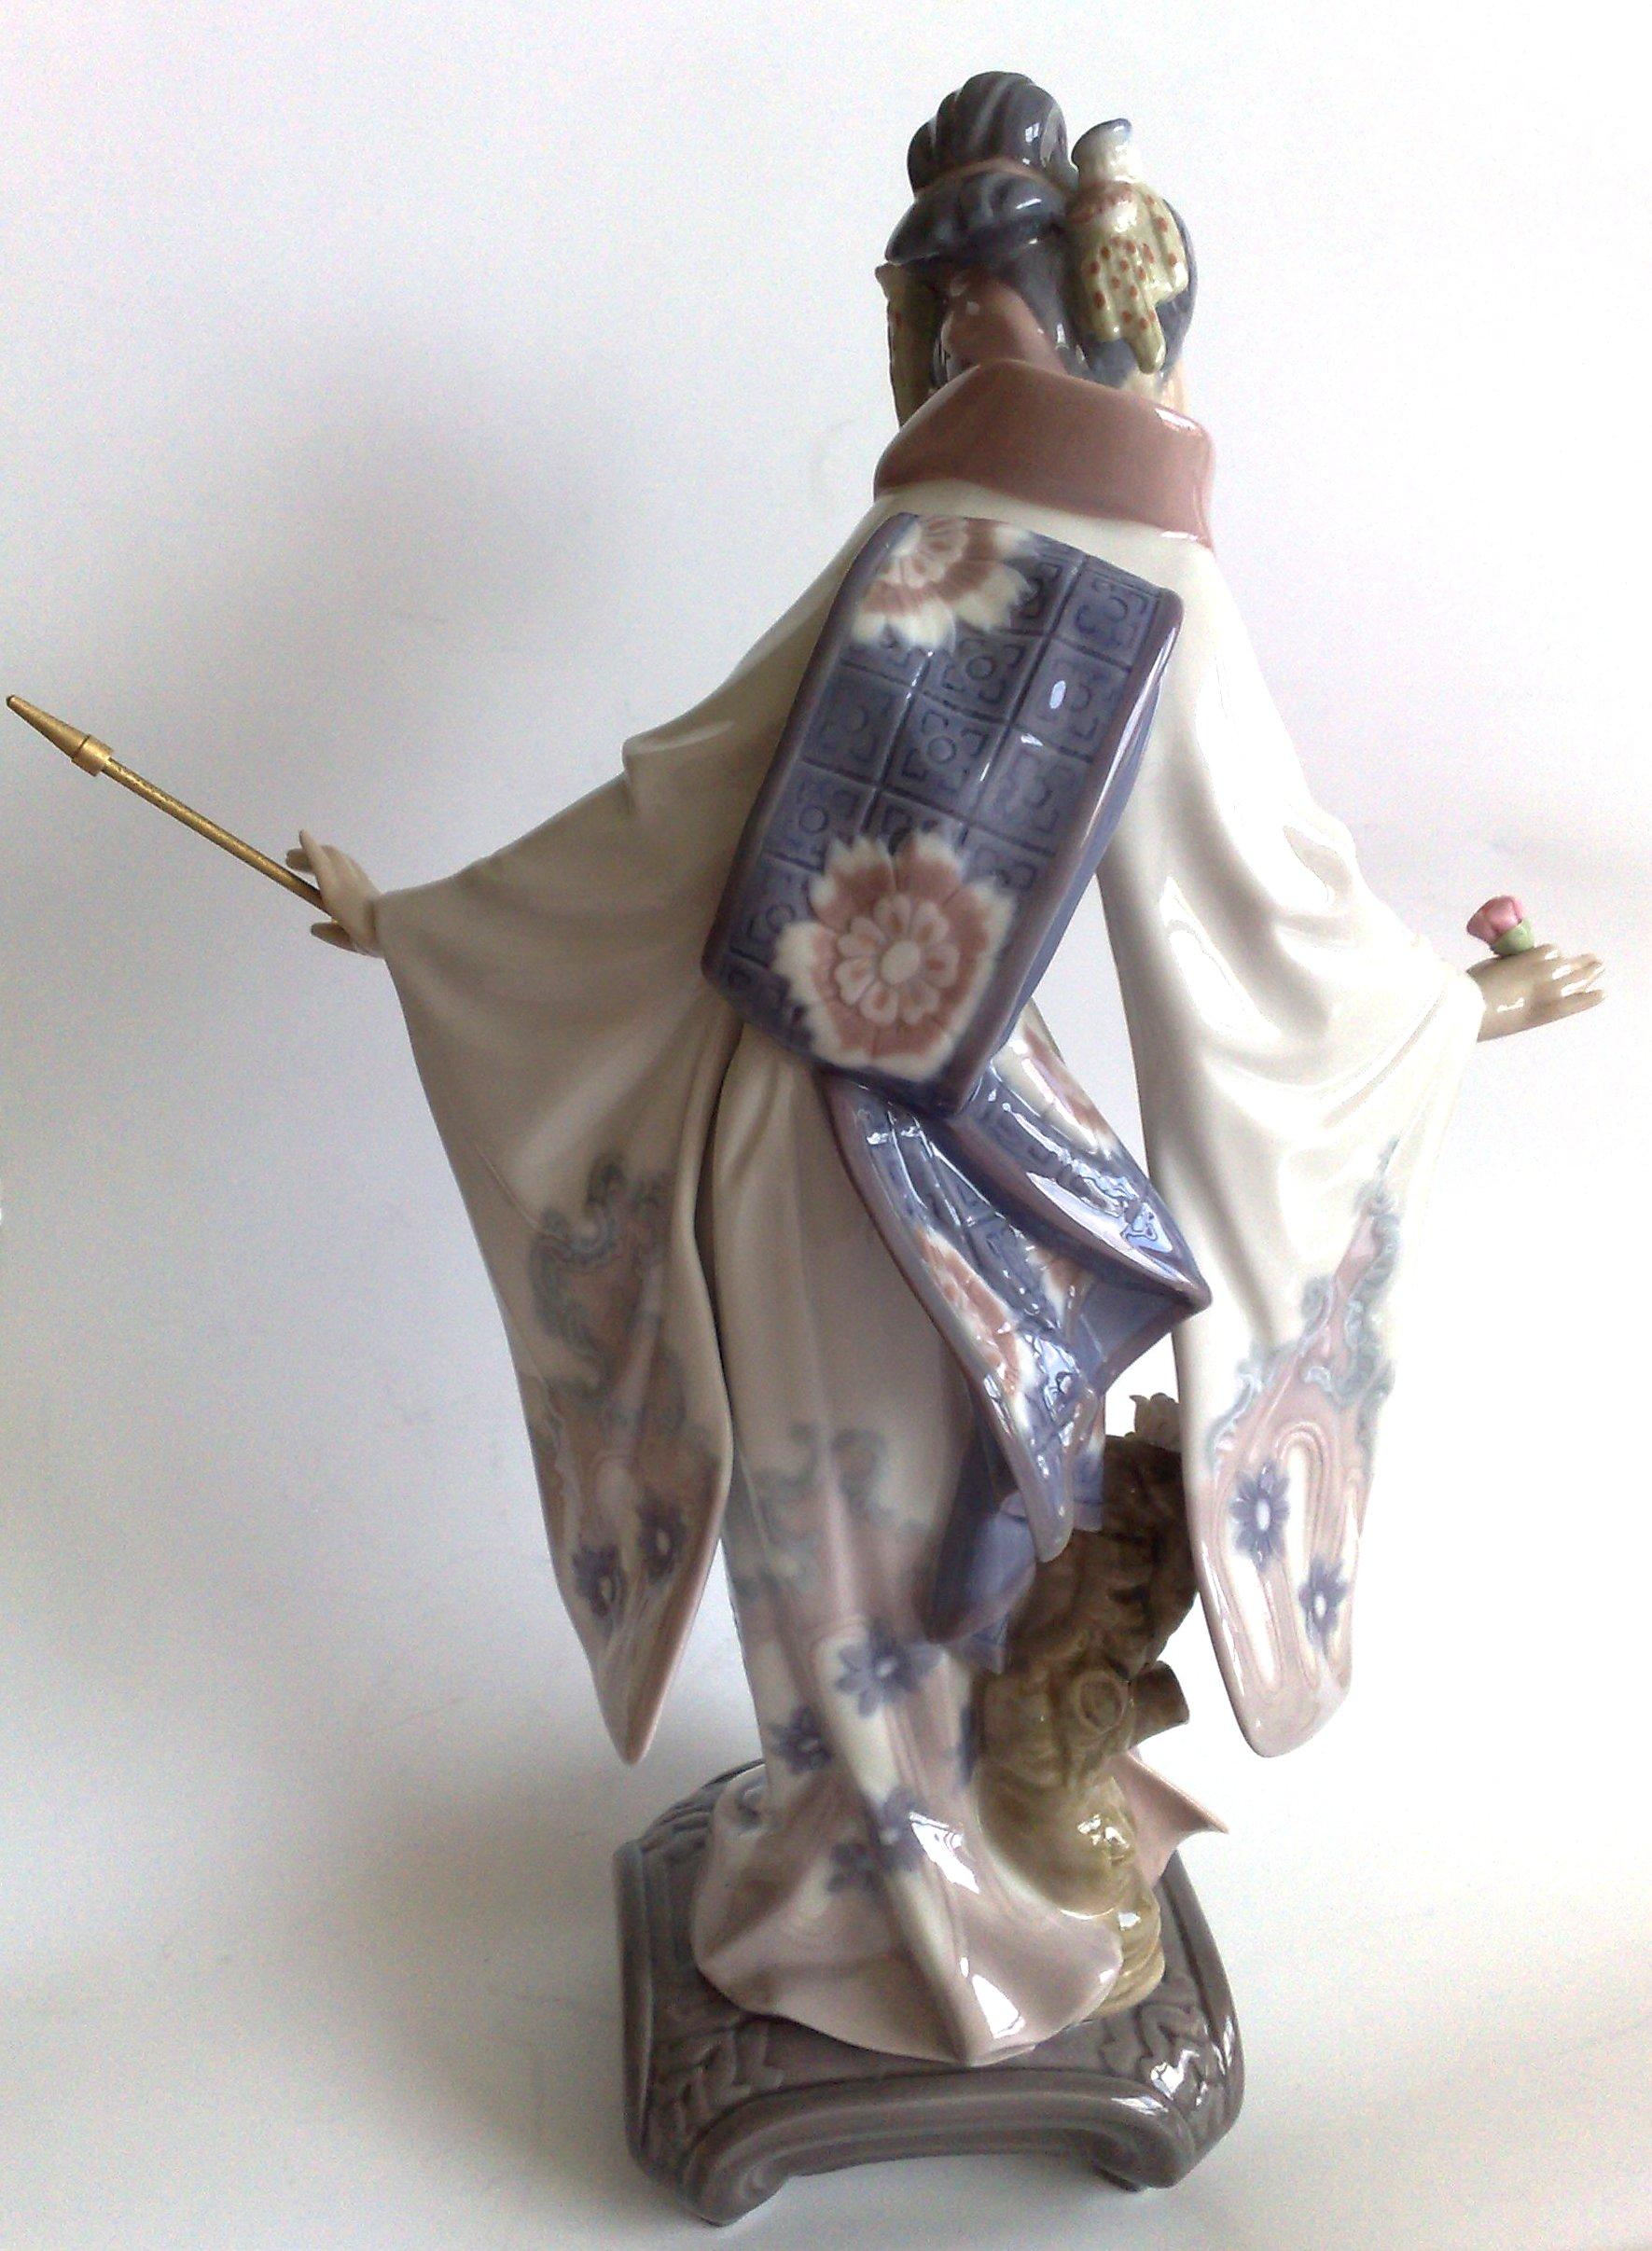 """в продаже статуэтка """"Гейша"""" LLADRO Испания, фото кликабельно"""